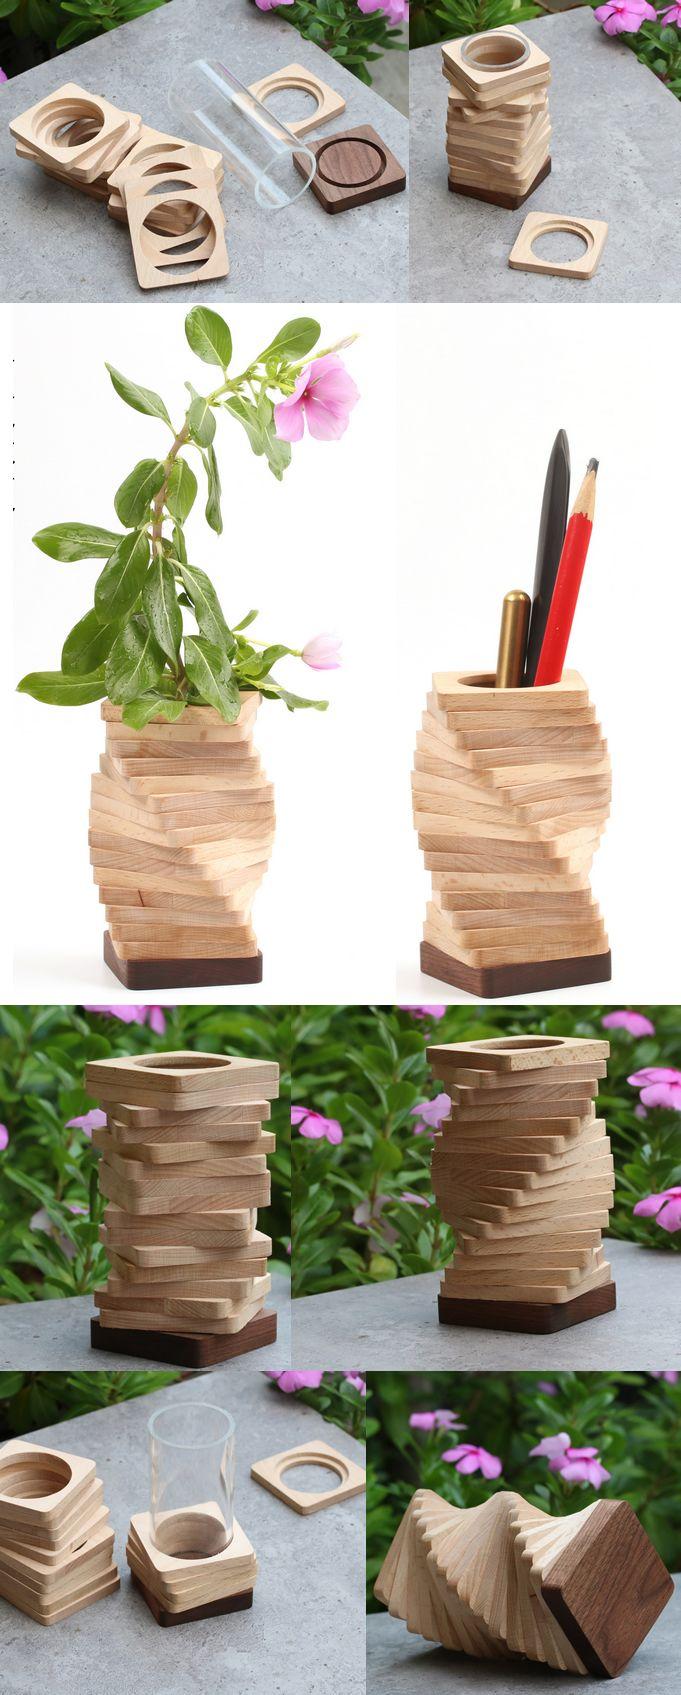 Handmade Wooden Flower Vase With Test Tube Wooden Bud Vase Test